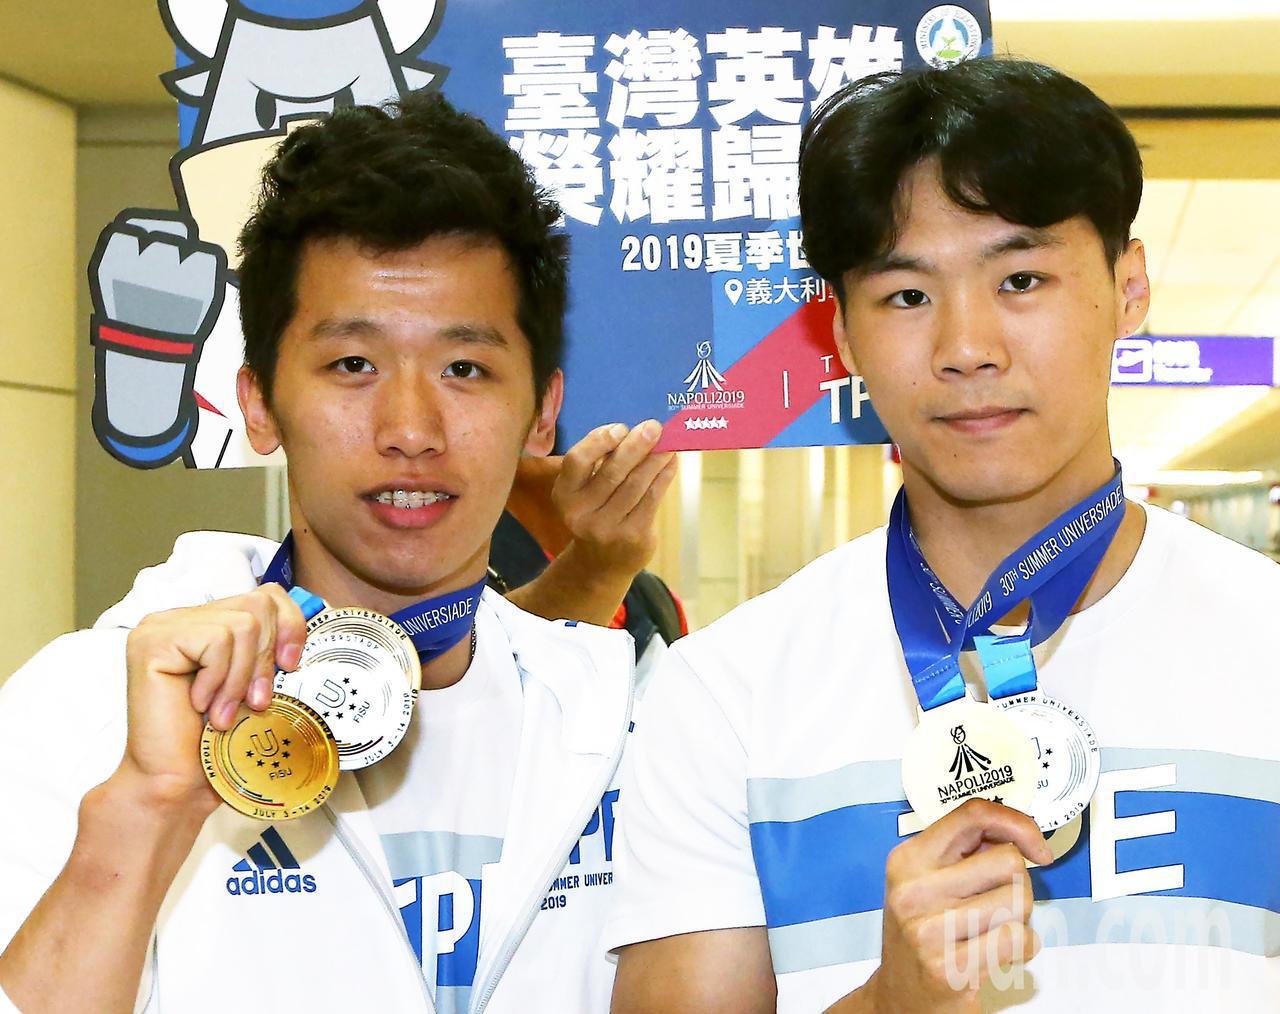 我國體操好手李智凱、唐嘉鴻兩人將在世錦賽單項決賽續拚獎牌。 聯合報系資料照